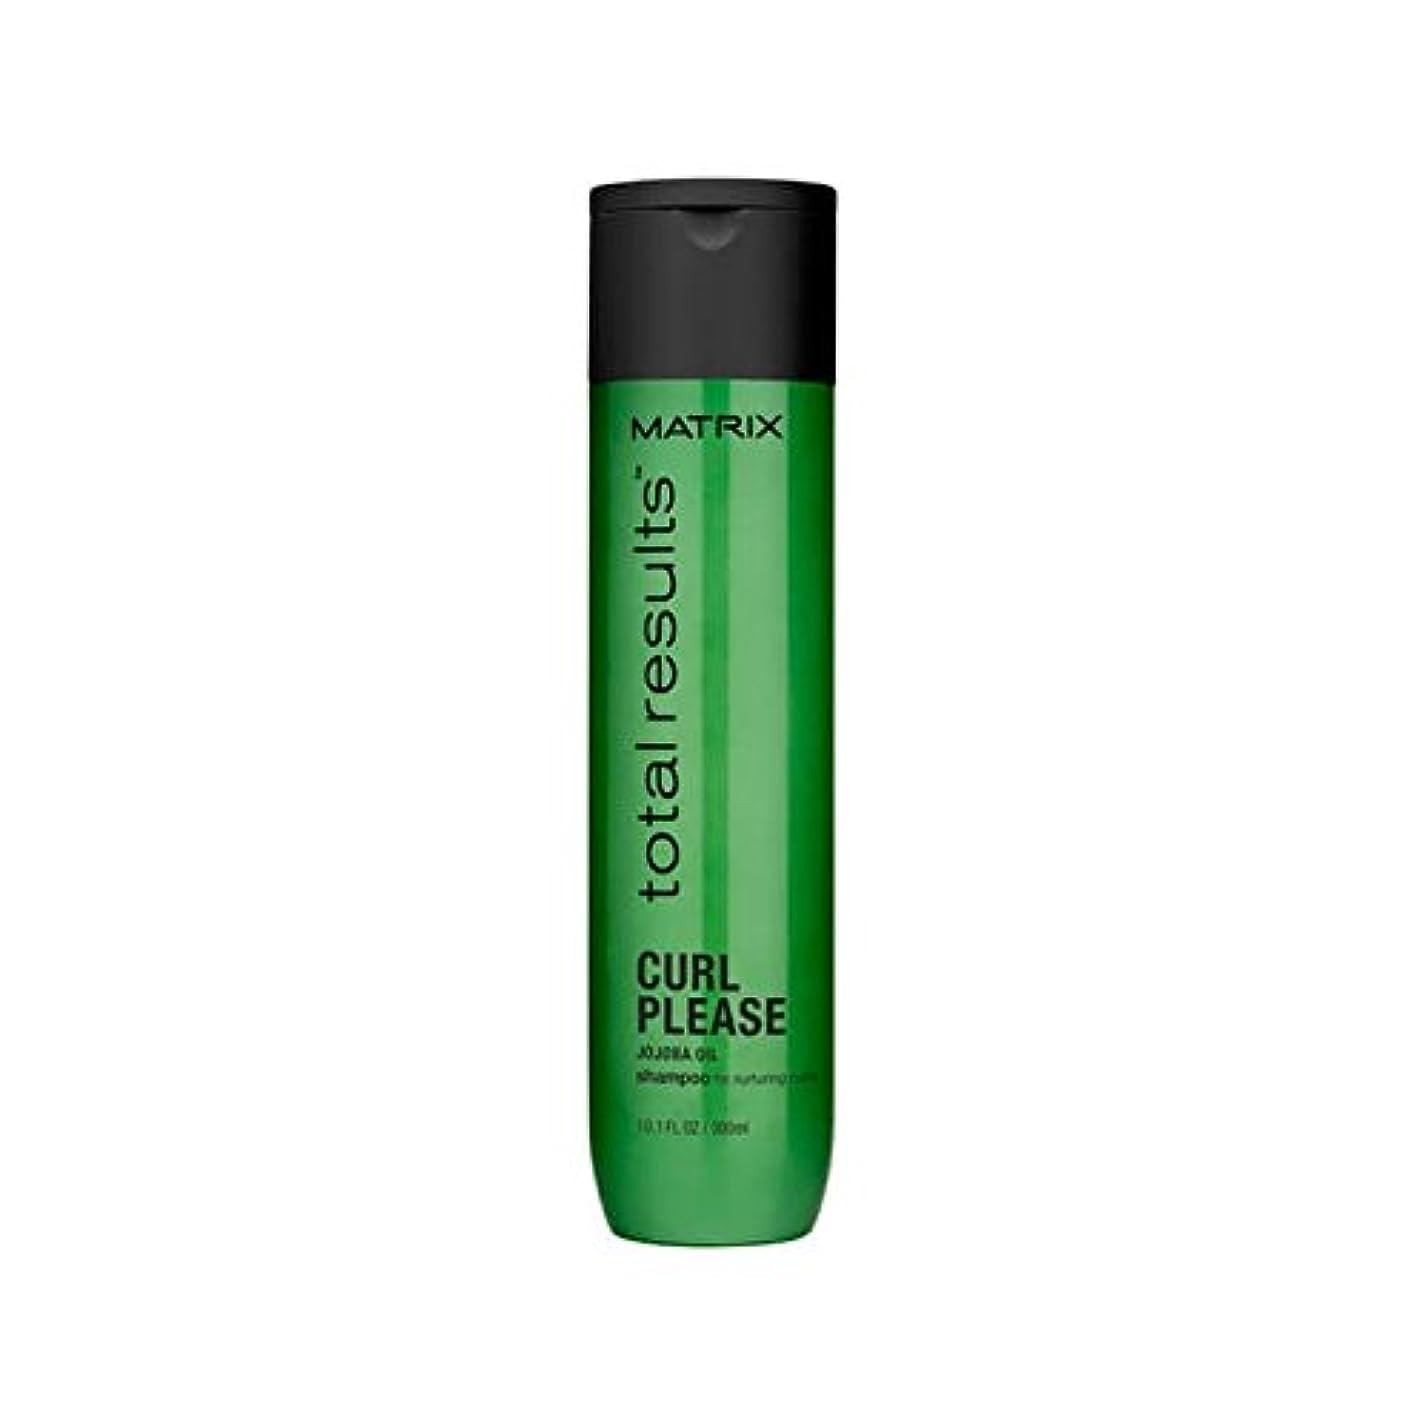 貸す歯車凶暴なMatrix Total Results Curl Please Shampoo (300ml) (Pack of 6) - 行列の合計結果カールしてくださいシャンプー(300ミリリットル) x6 [並行輸入品]